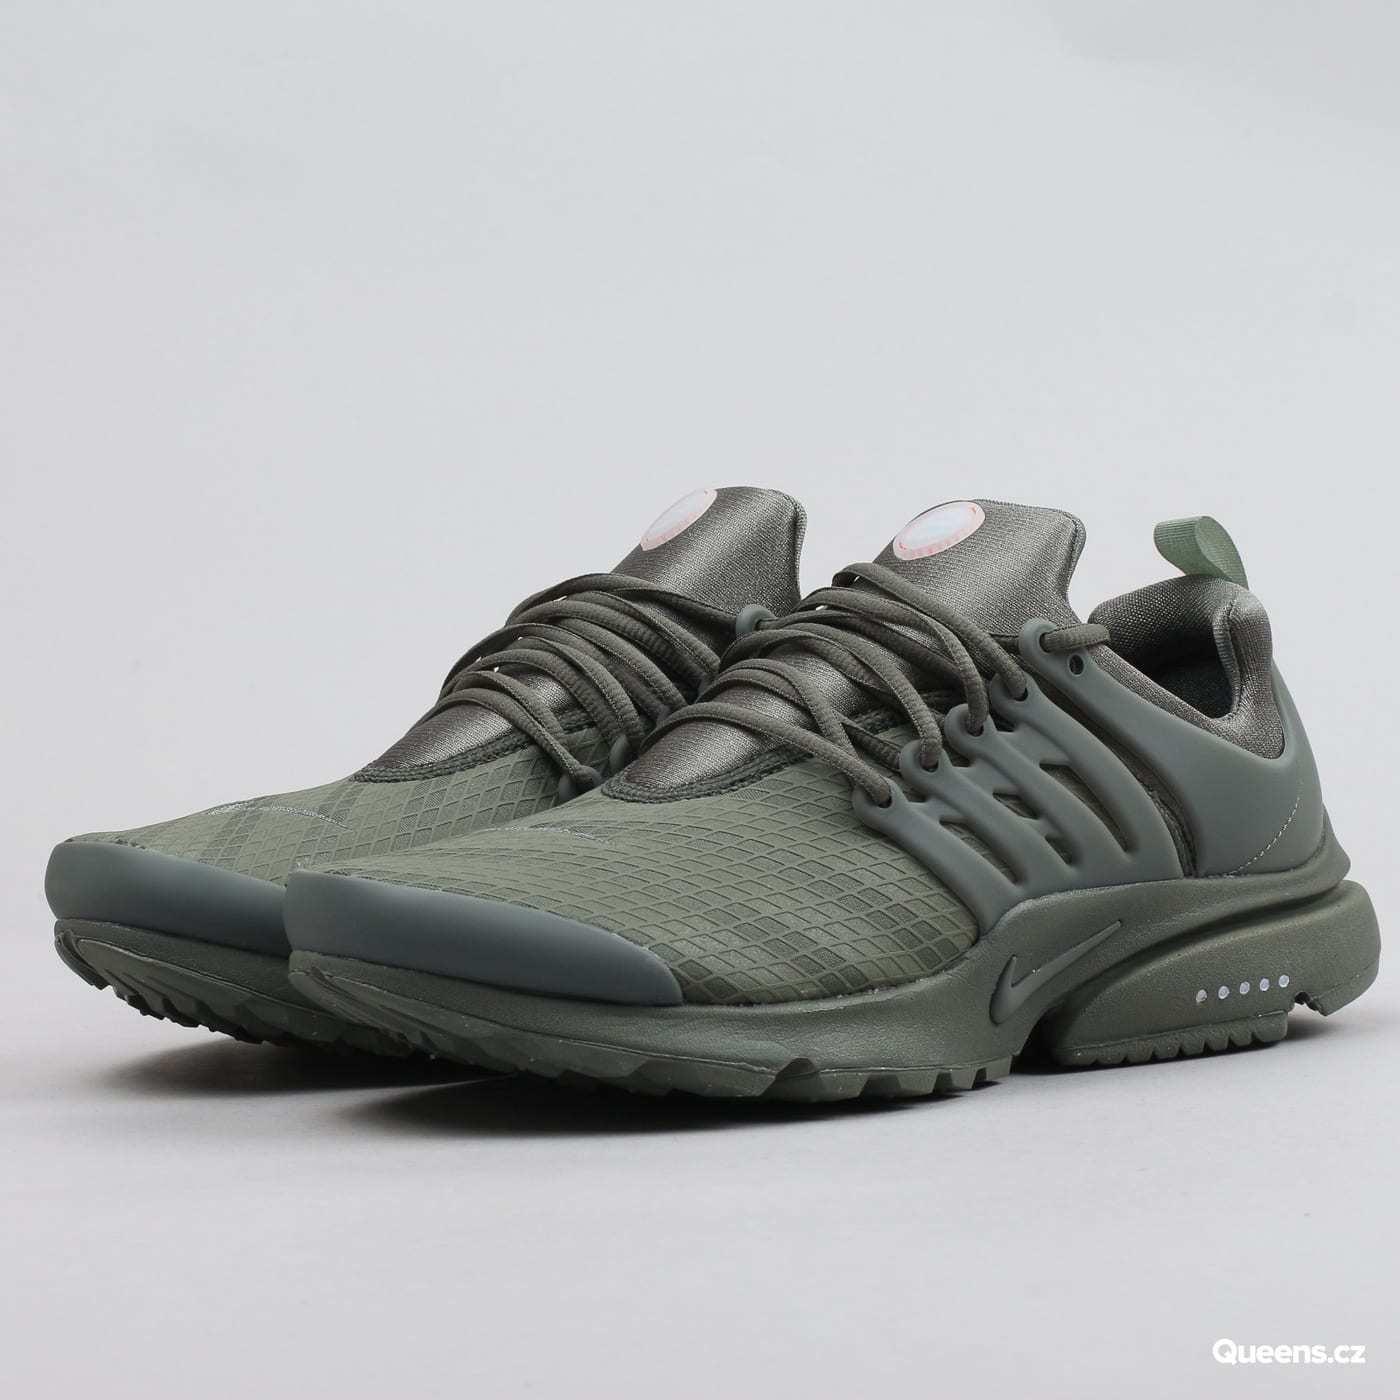 Uomini d'utilità in scarpe da ginnastica nuove nike river sku rock 862749-005 sku river aa be6d48